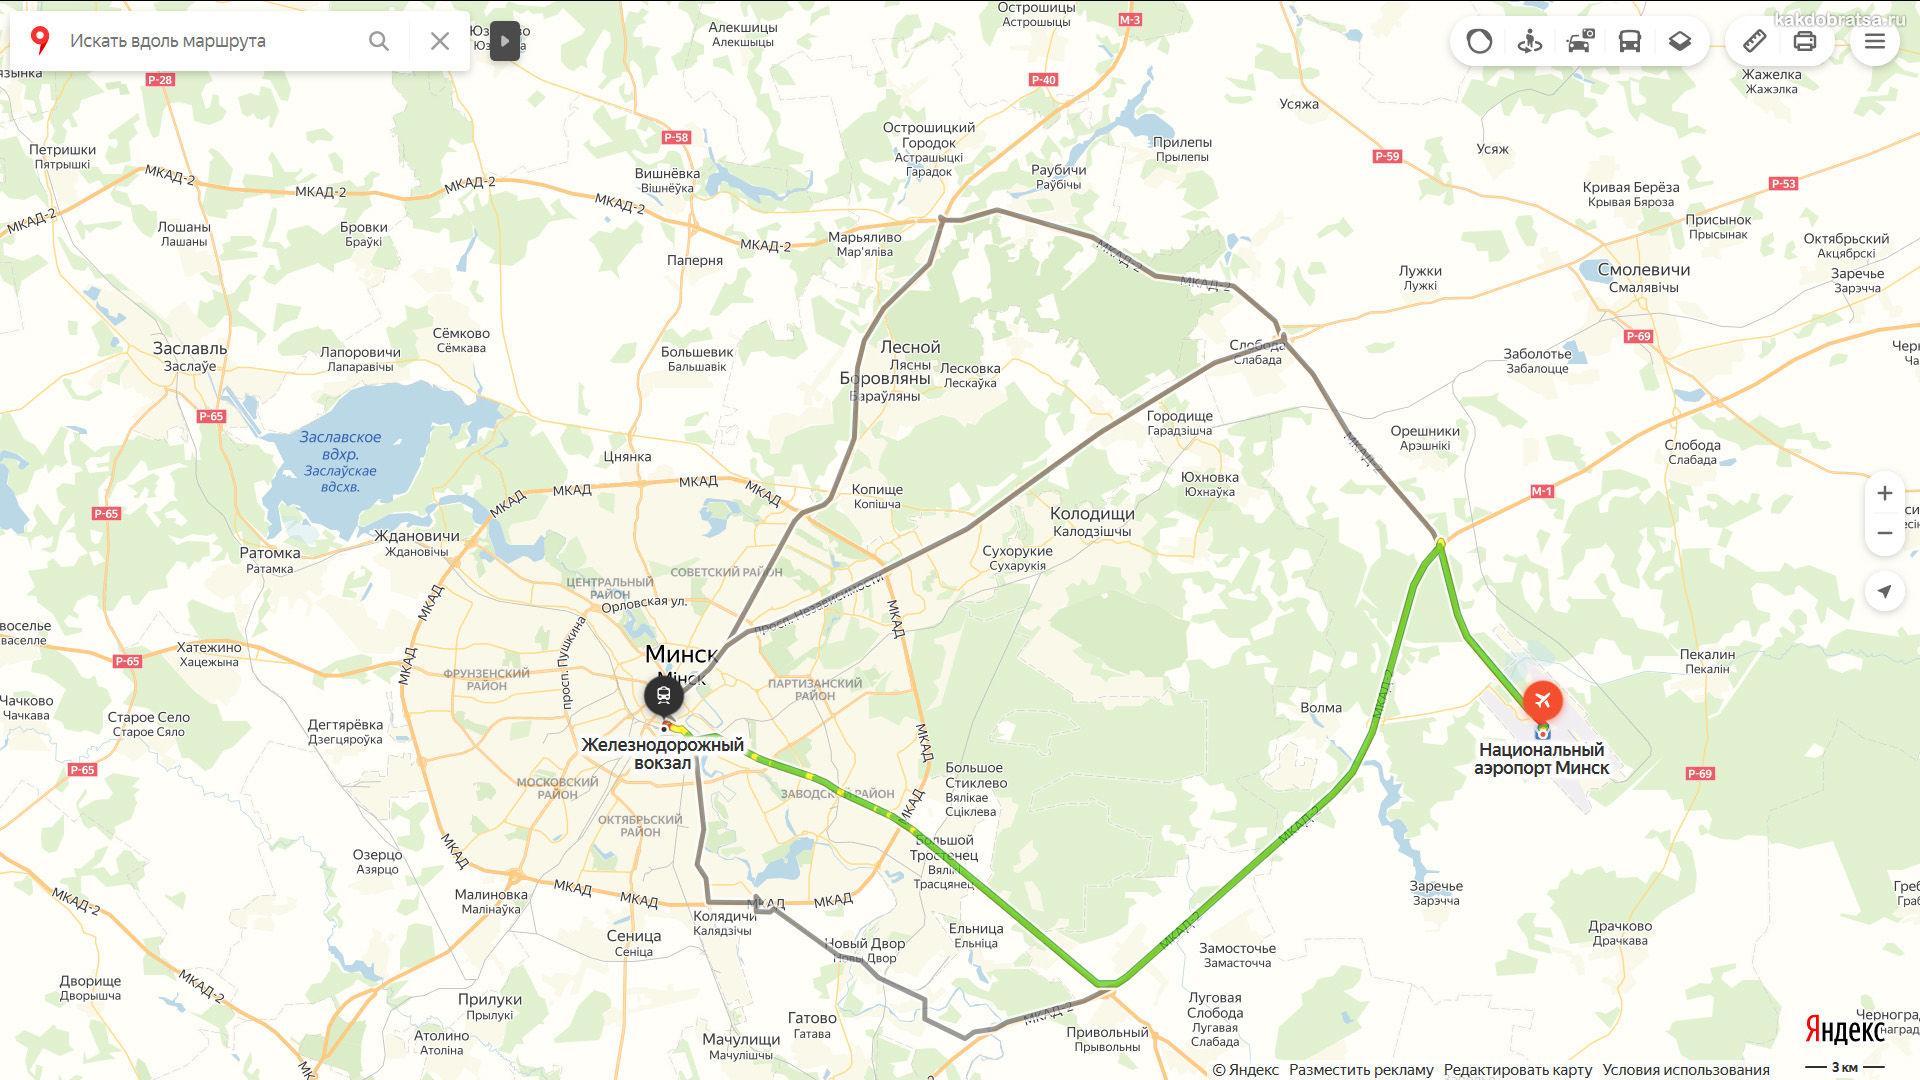 Вокзал Минск-Пассажирский где находится на карте